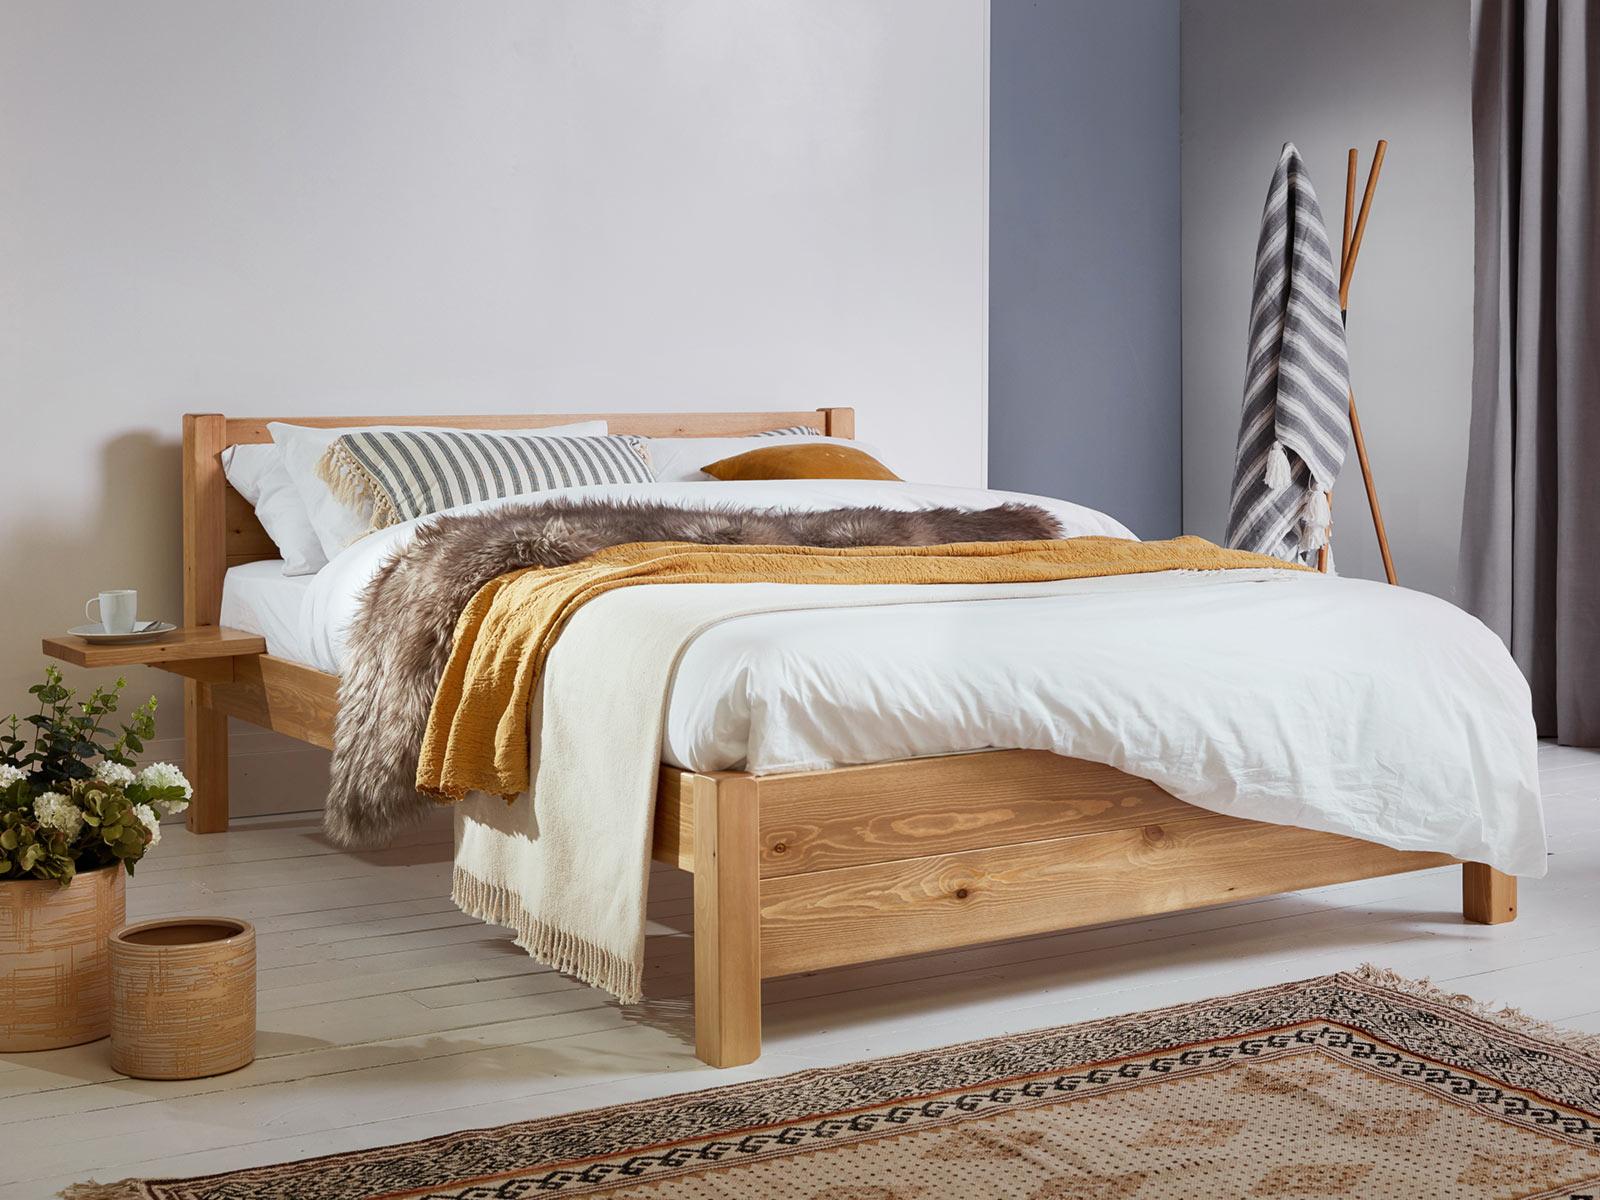 چگونه می توان تخت چوبی خود را شیک جلوه داد؟!